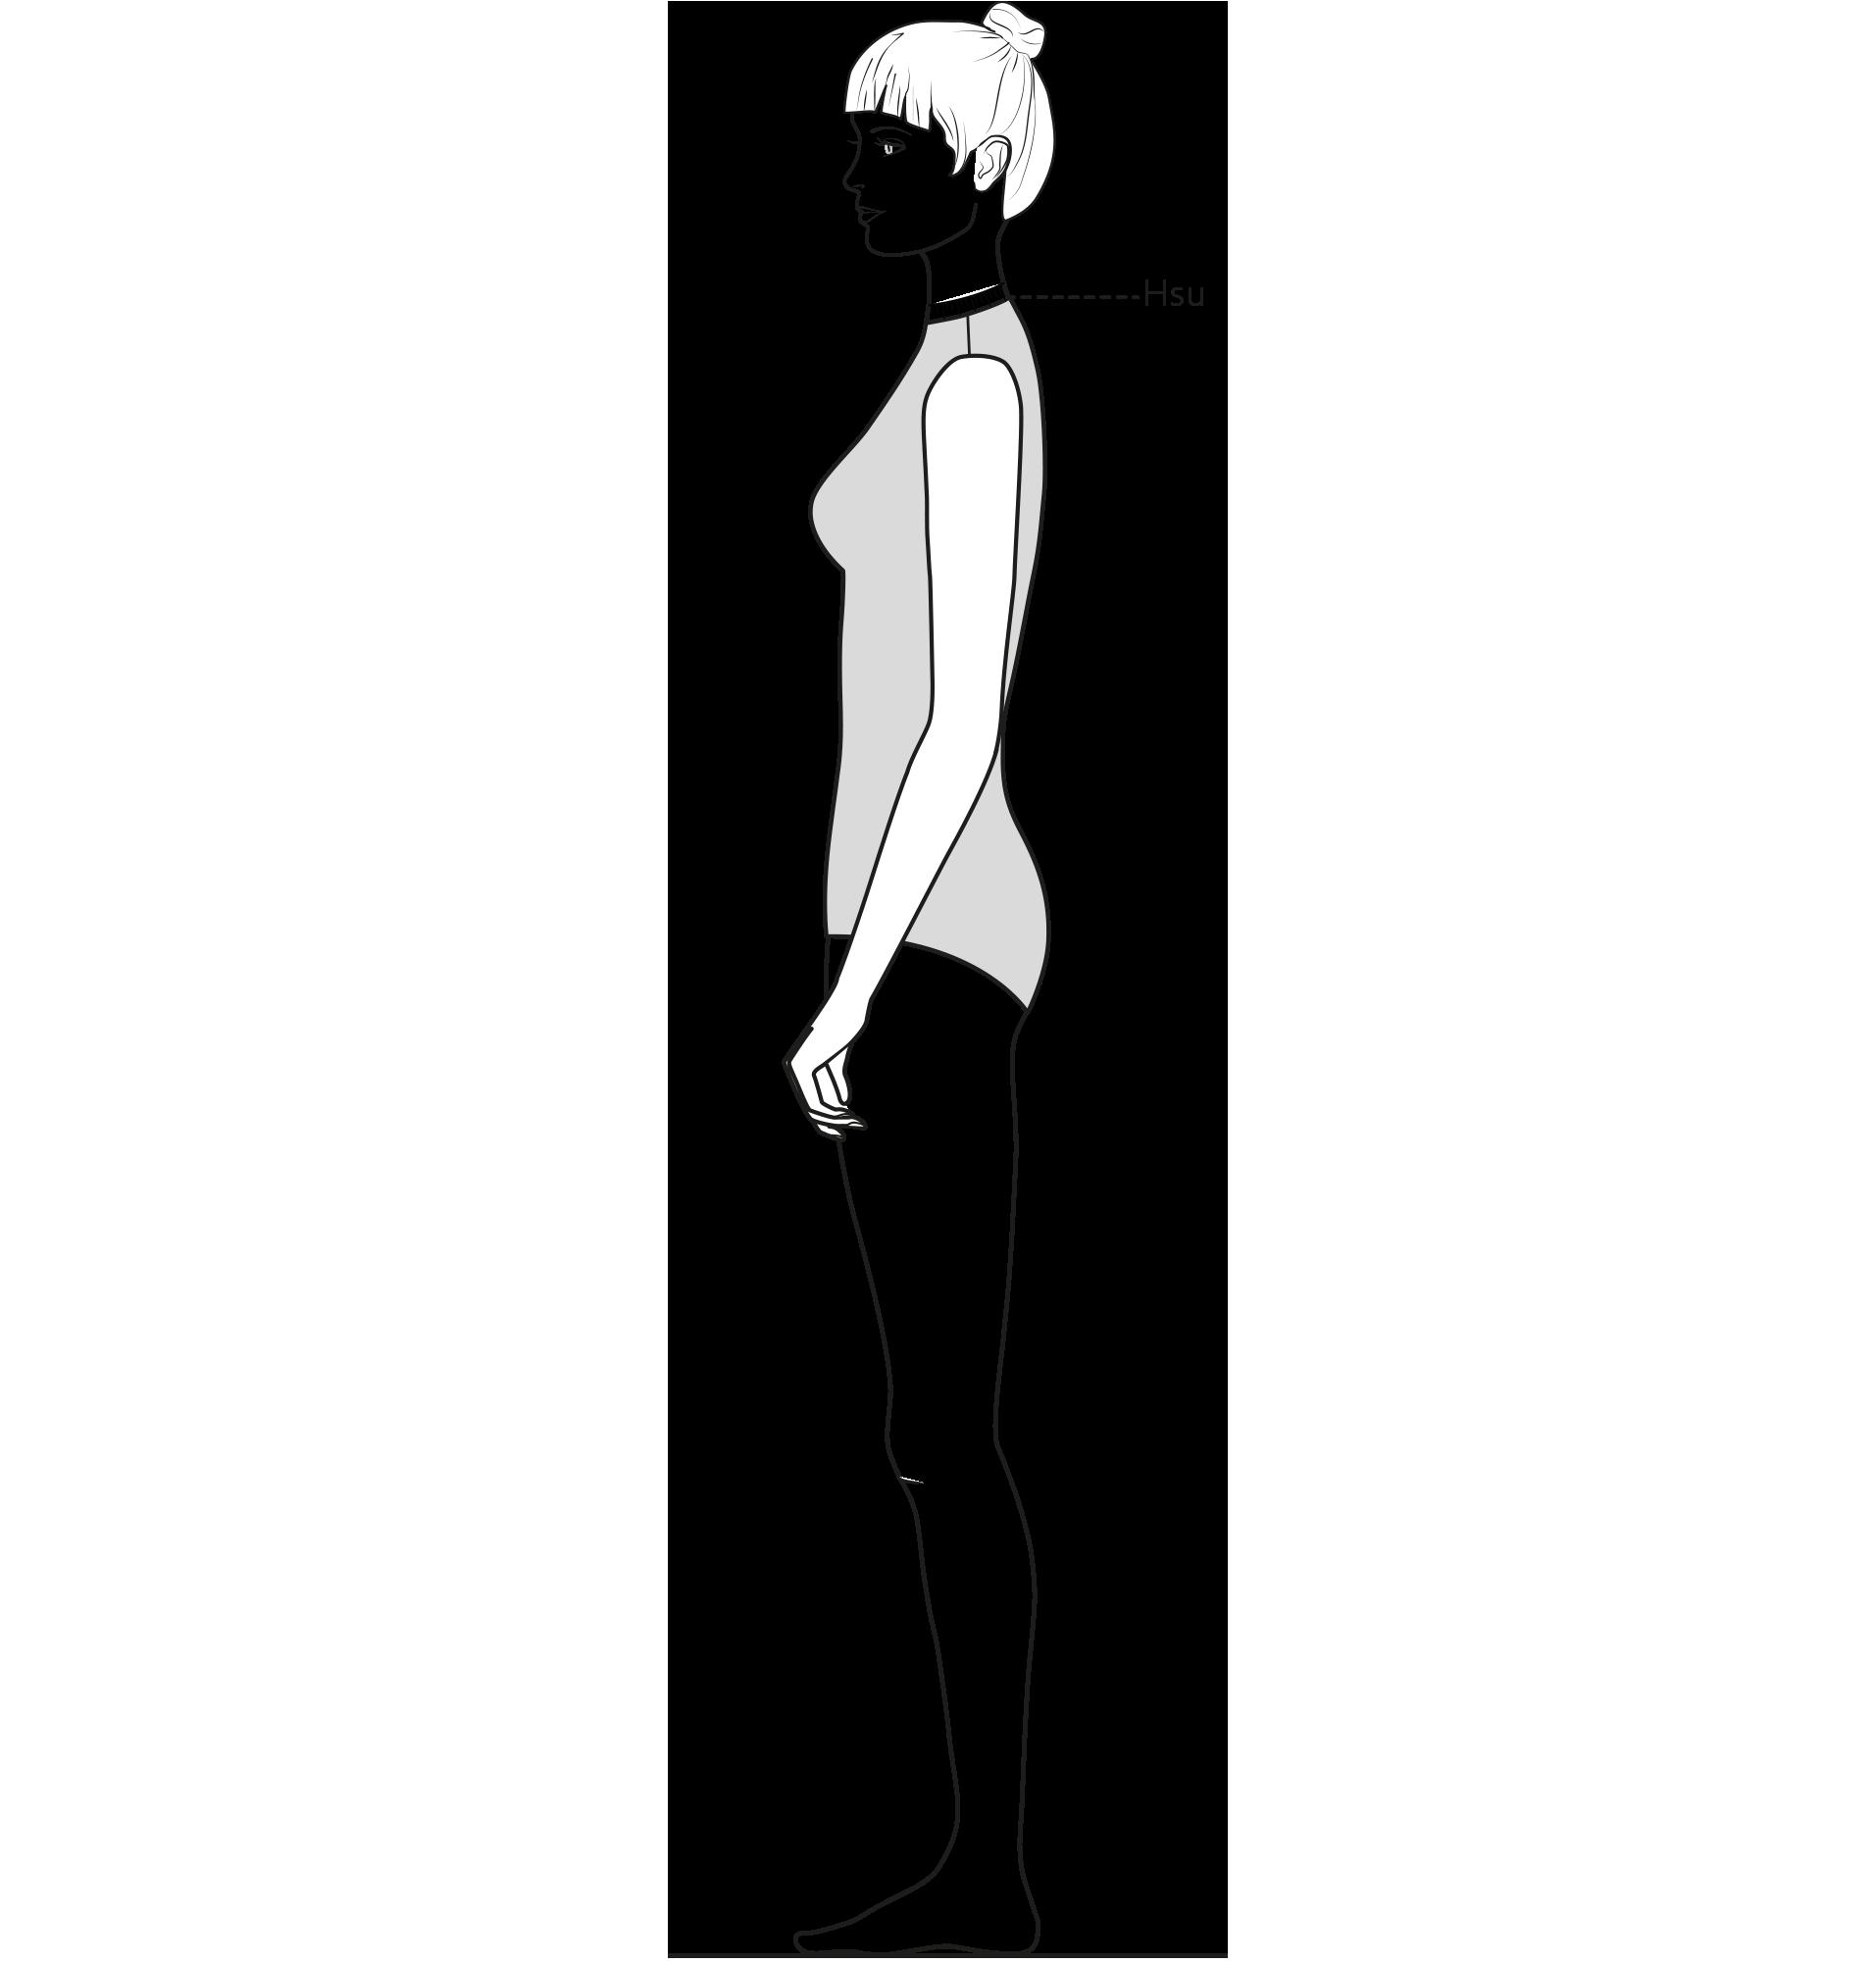 Diese Zeichnung zeigt das Messen des Halsspiegelumfangs.